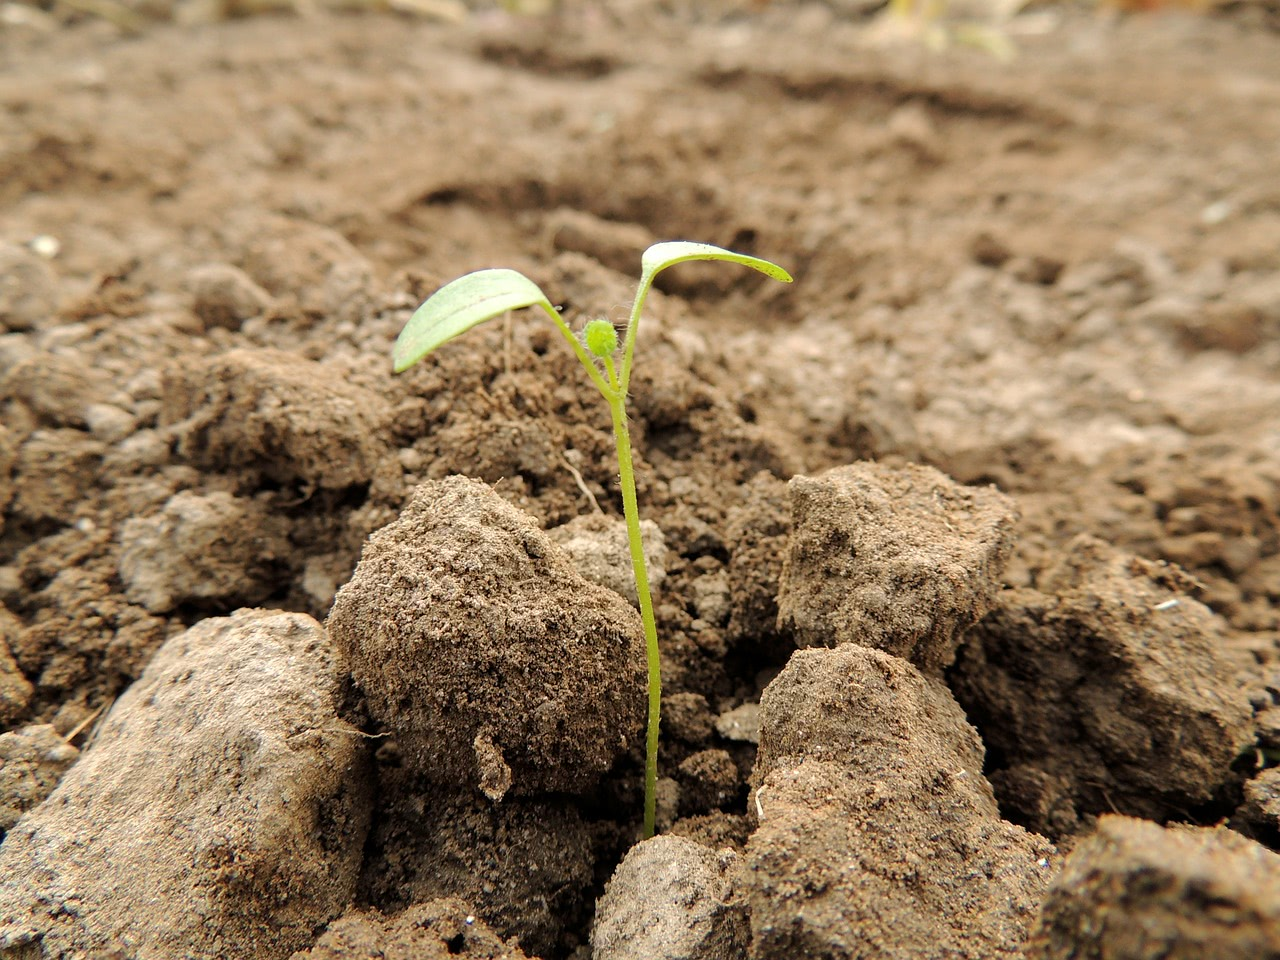 Bild von einem Pflanzen-Keimling